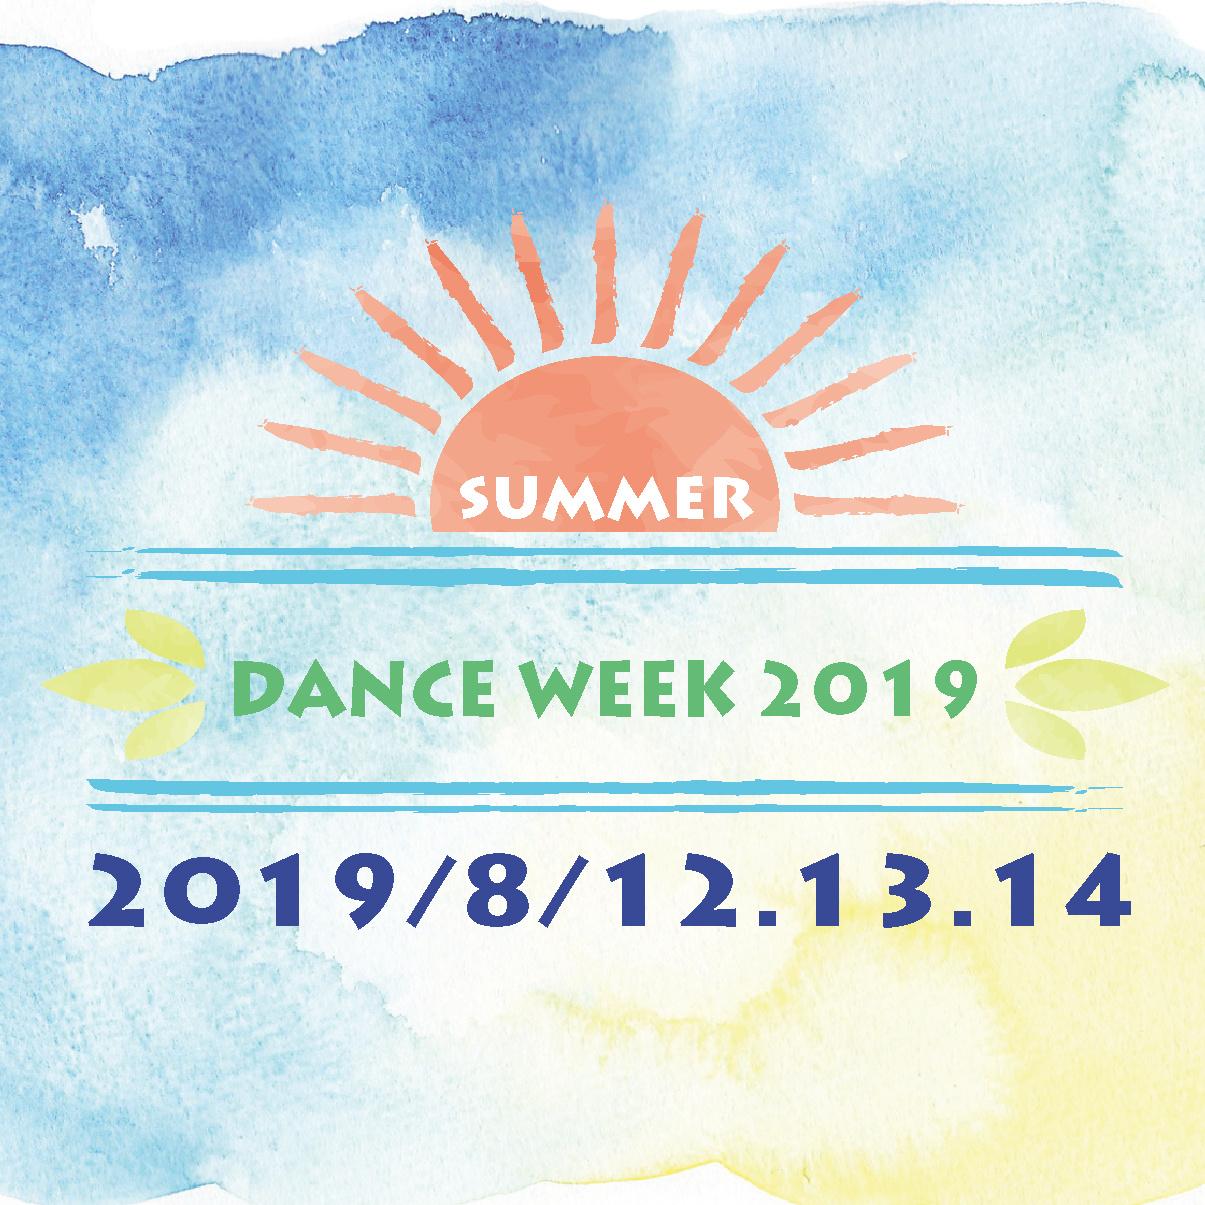 SUMMER DANCE WEEK 2019